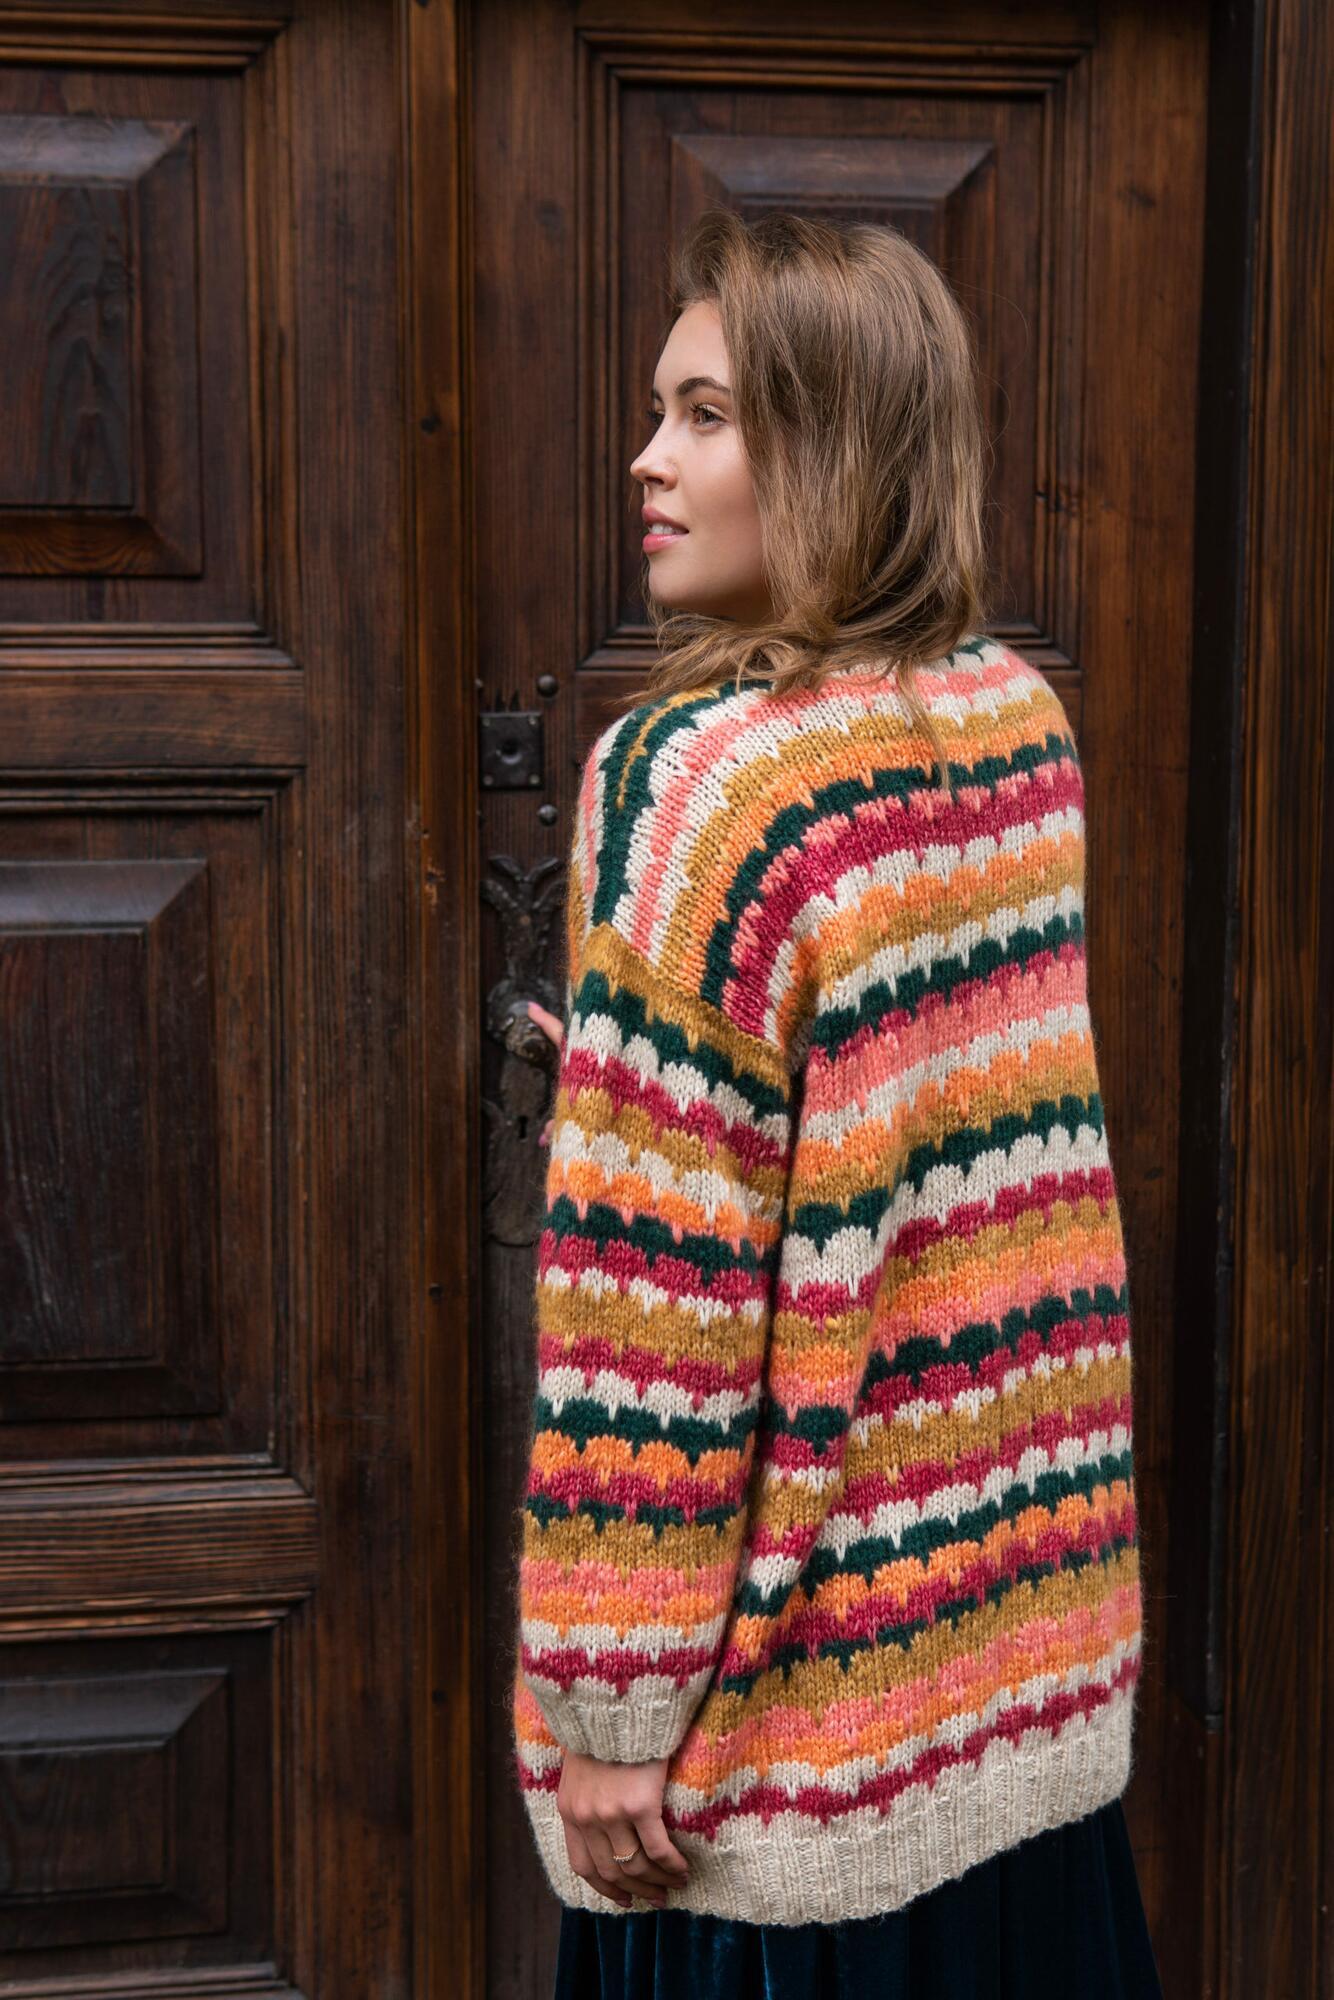 Sweter WILD GAUDI - wełna-alpaka-bawełna - SYLVIA DARA SYLWIA DYDA | JestemSlow.pl